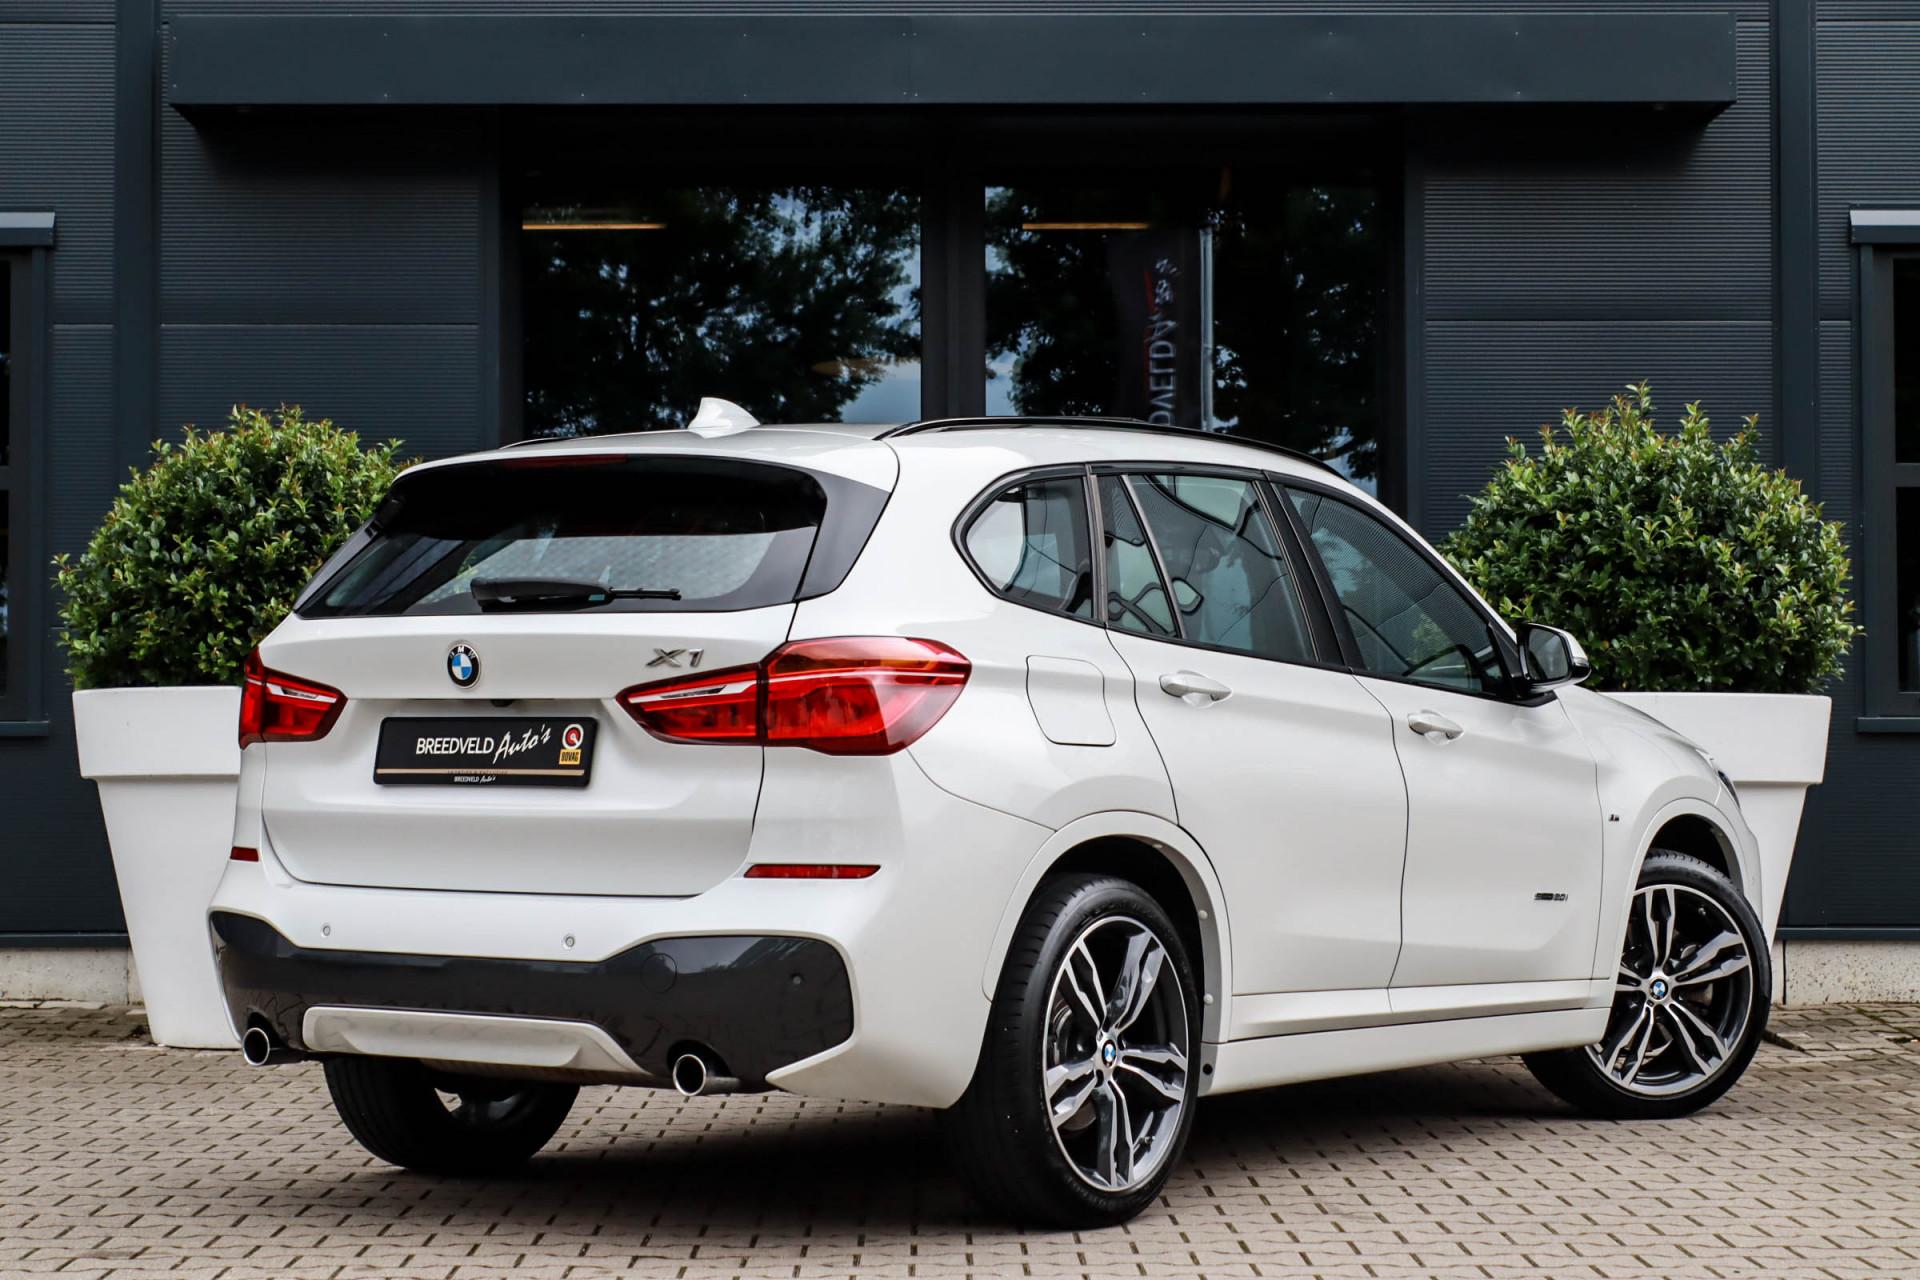 Tweedehands BMW X1 2017 occasion